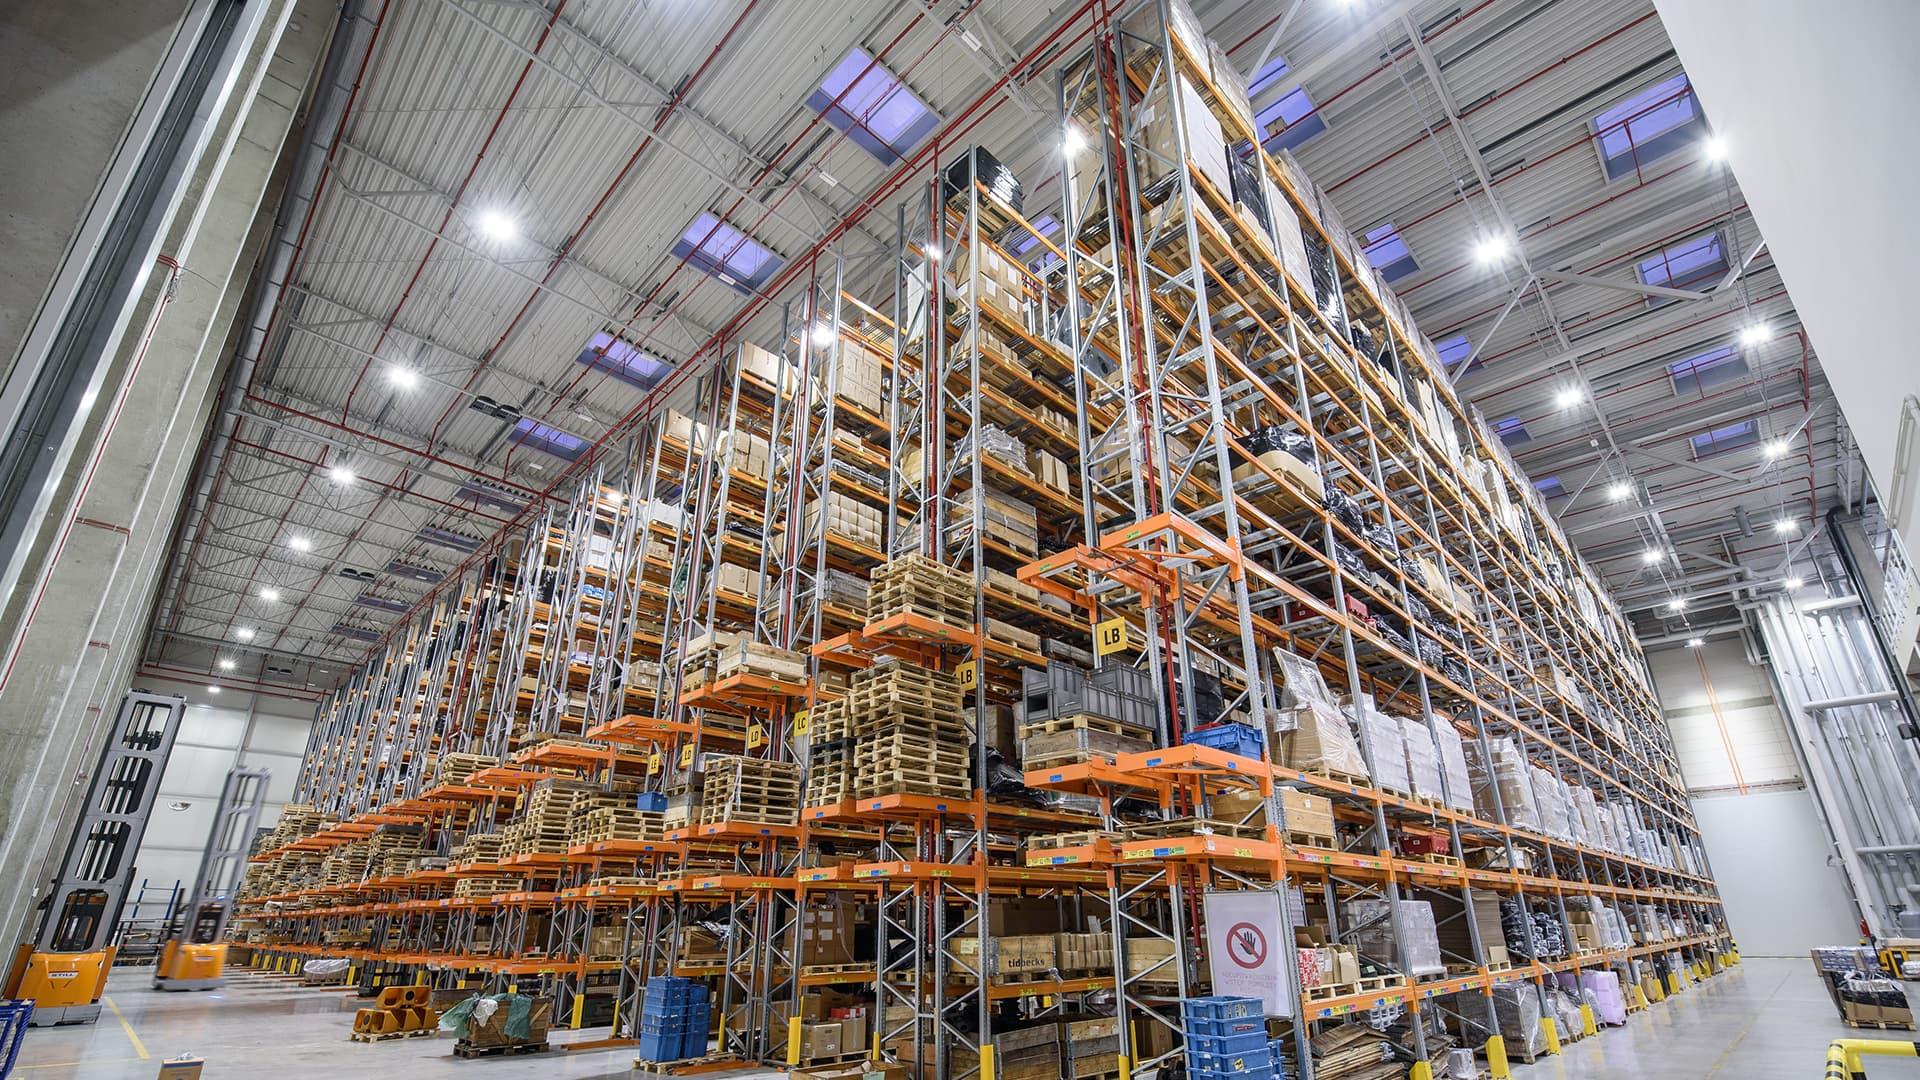 Oprawa przemysłowa Highbay w magazynie wysokiego składowania - Luxon LED